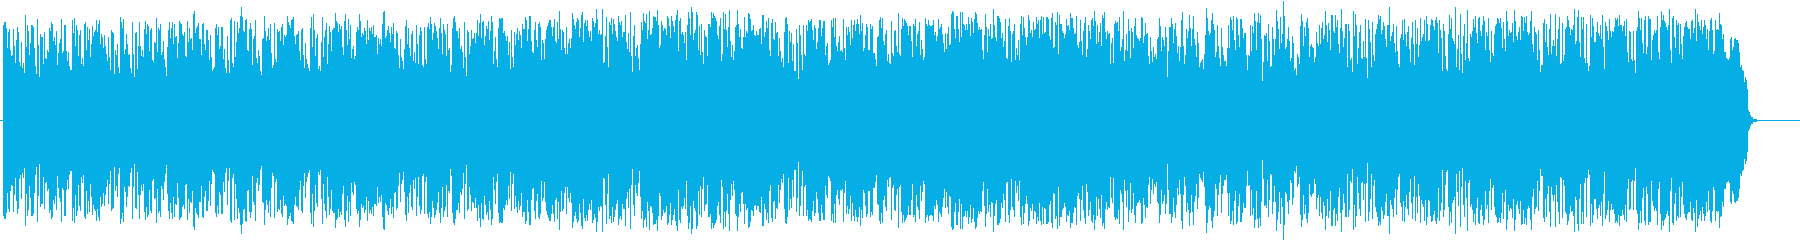 慕情的和風エレガント・ポップスの再生済みの波形